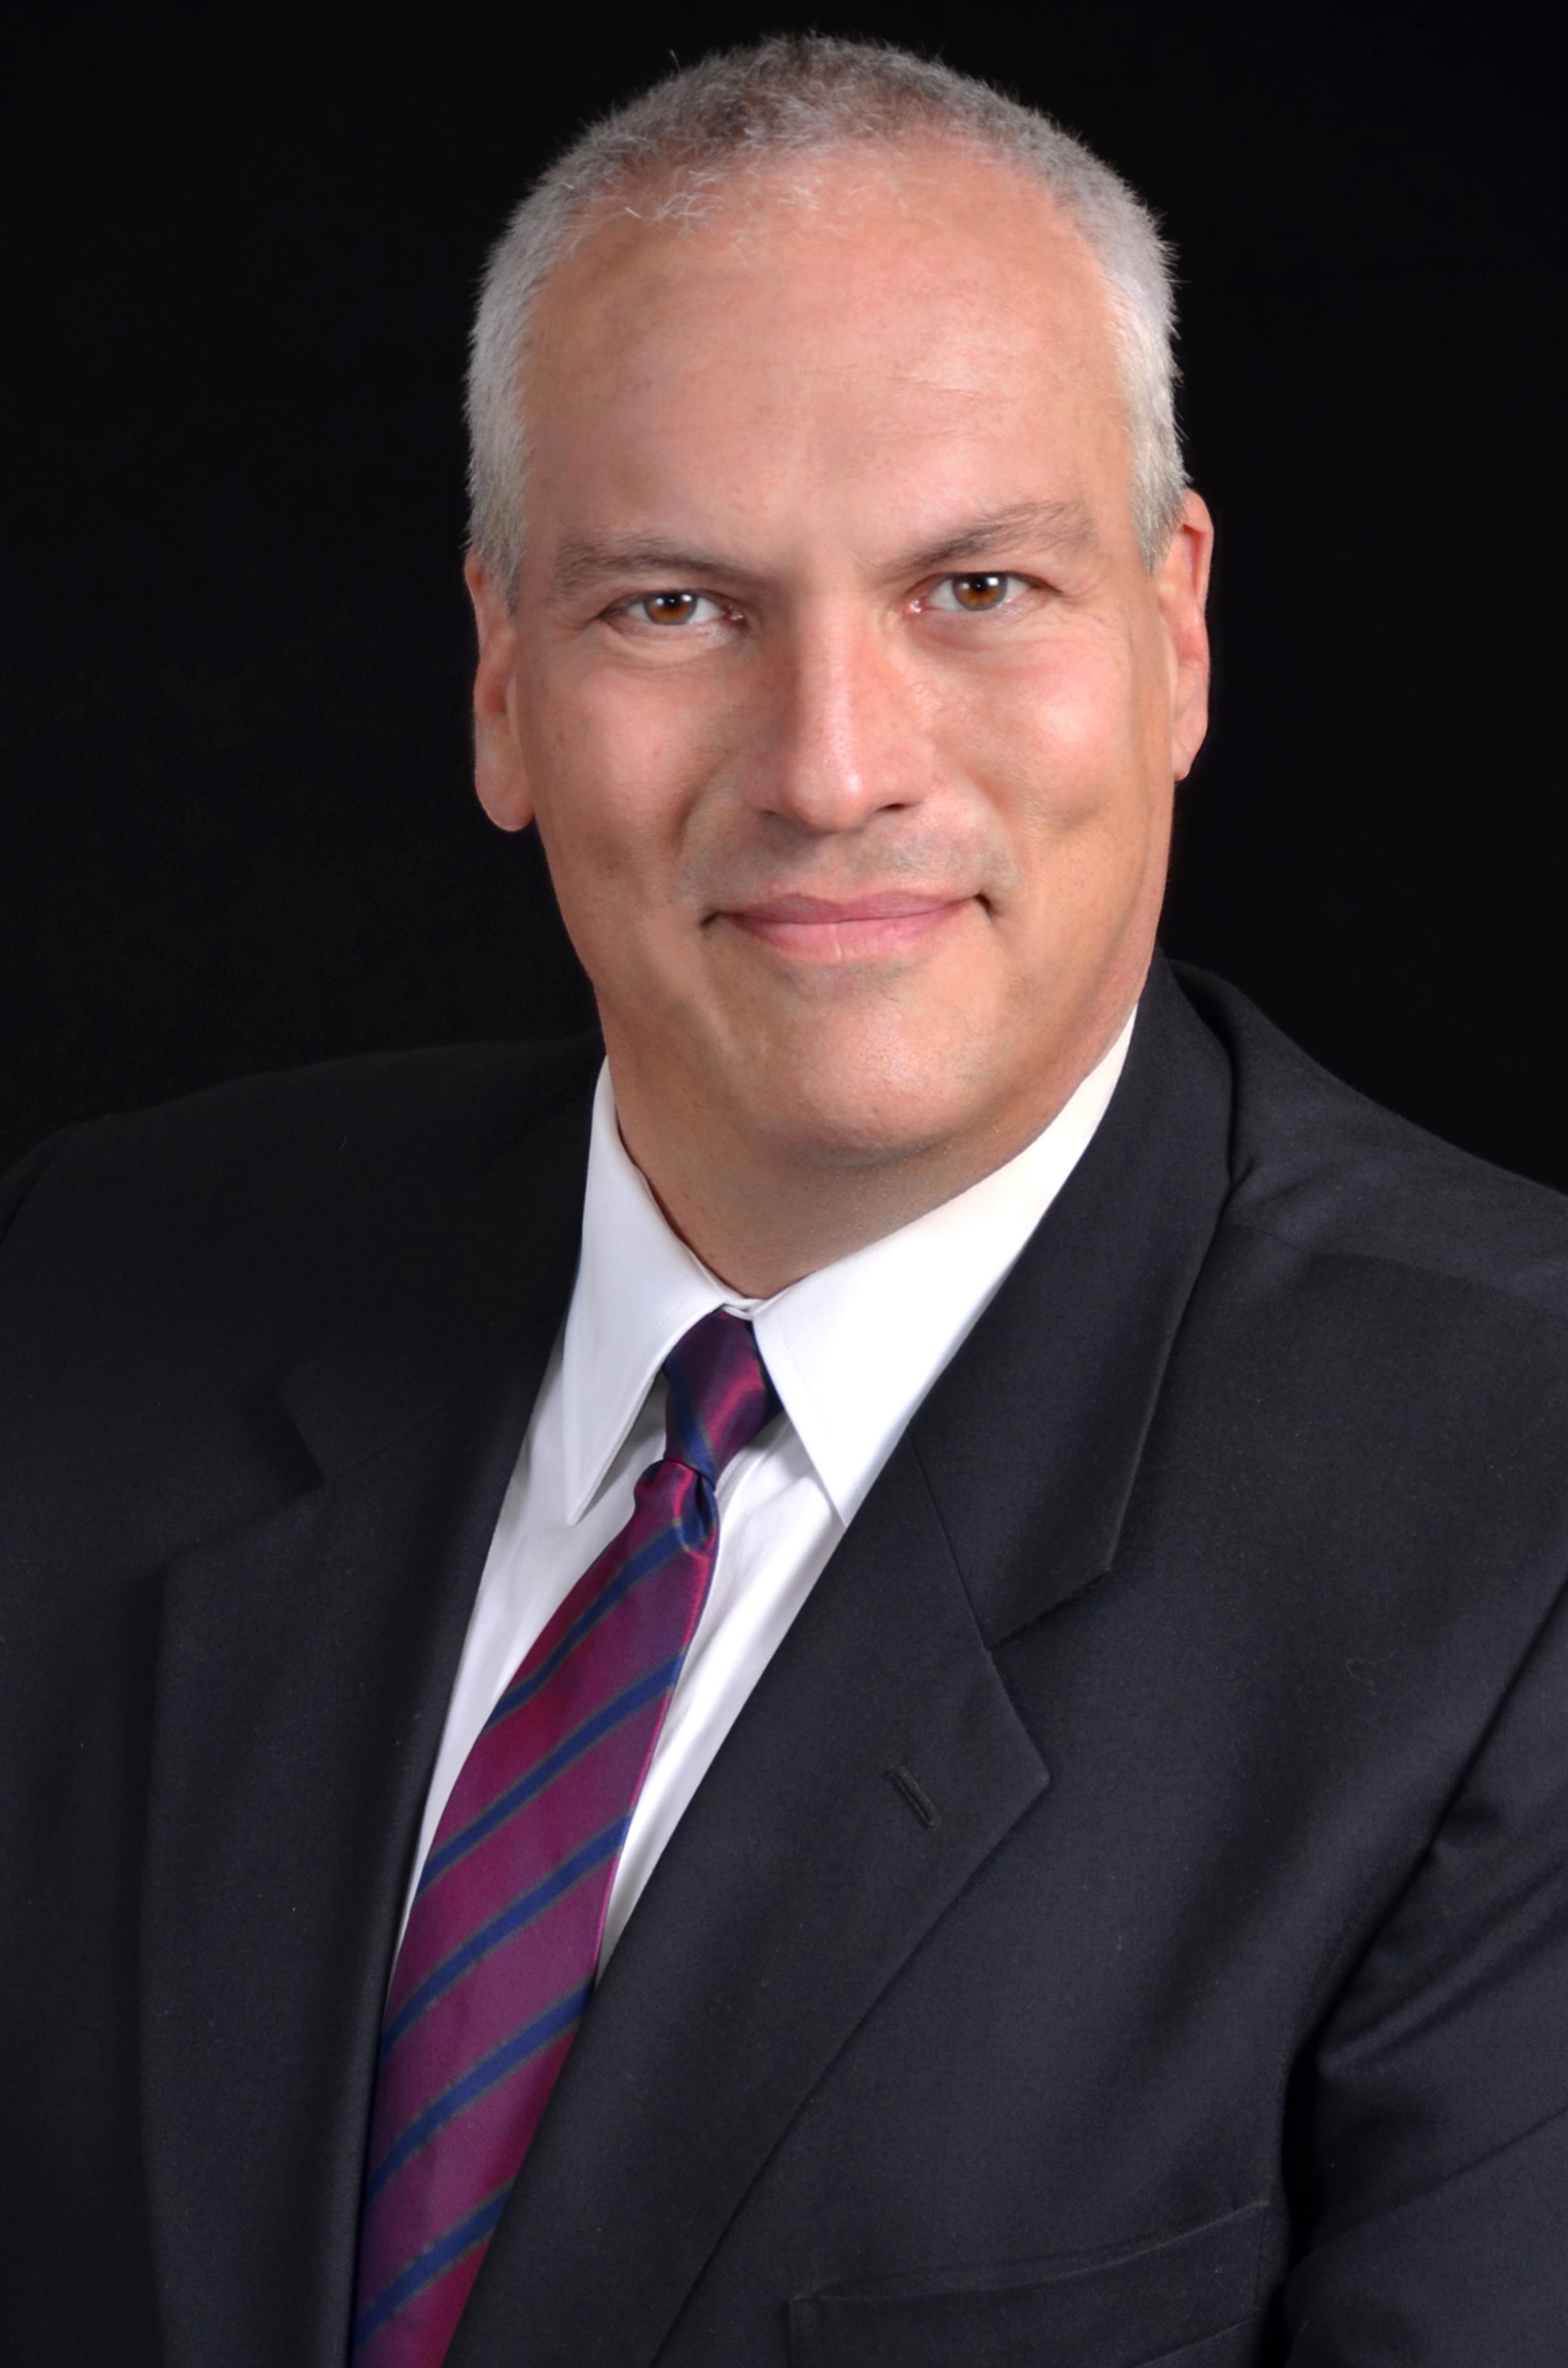 Paul Hespen